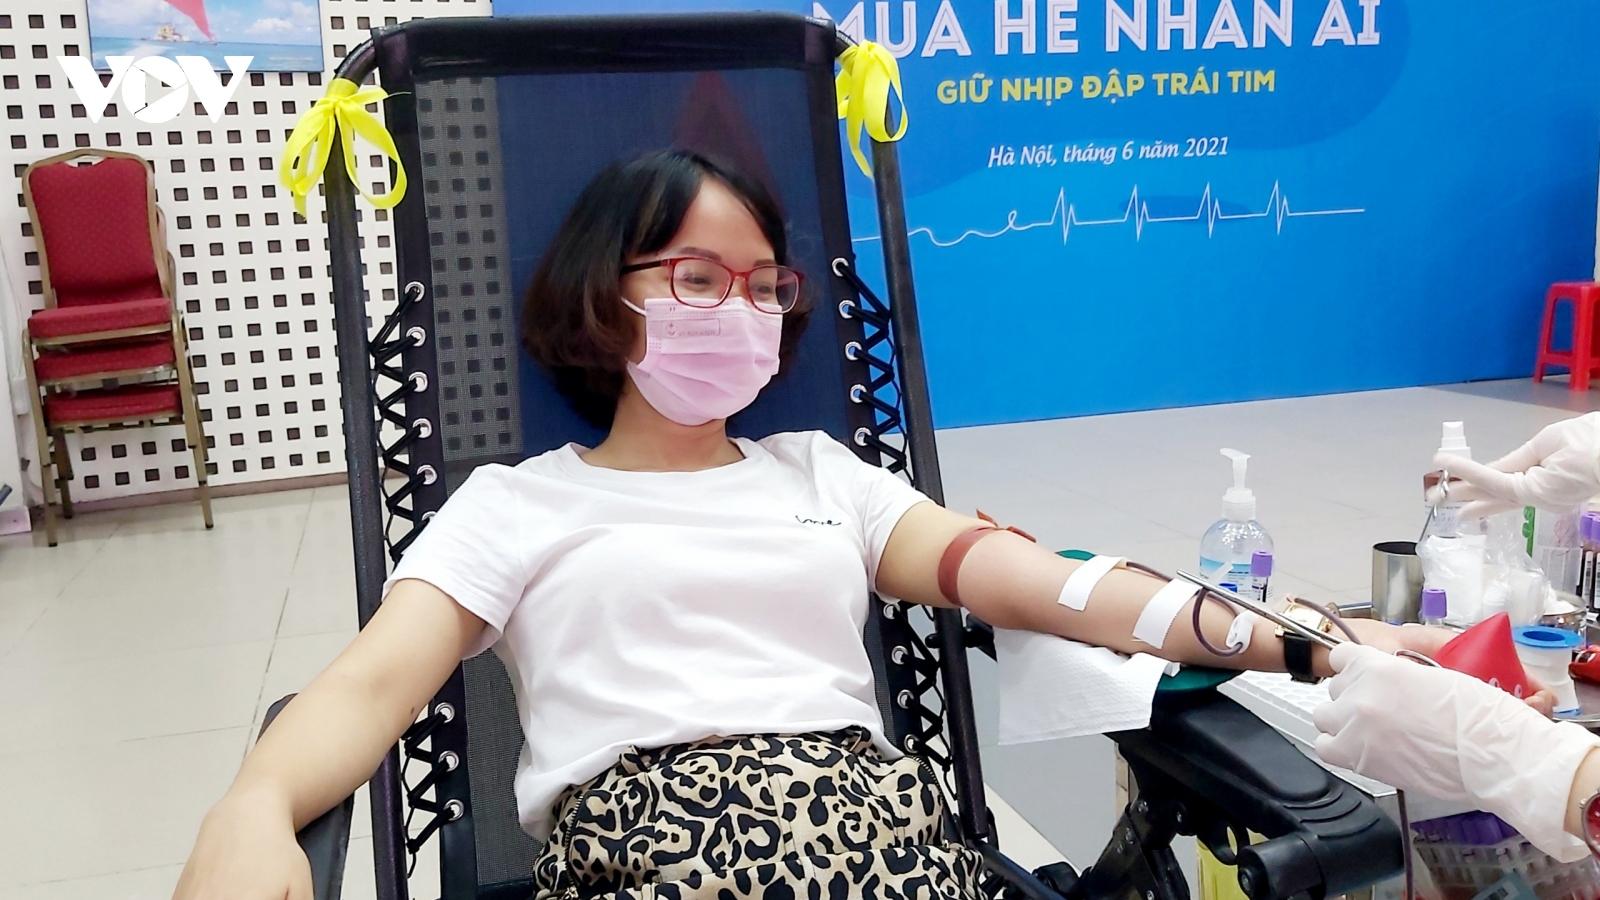 Nhiều kế hoạch hiến máu bị hoãn do dịch, lượng máu điều trị giảm sút trầm trọng